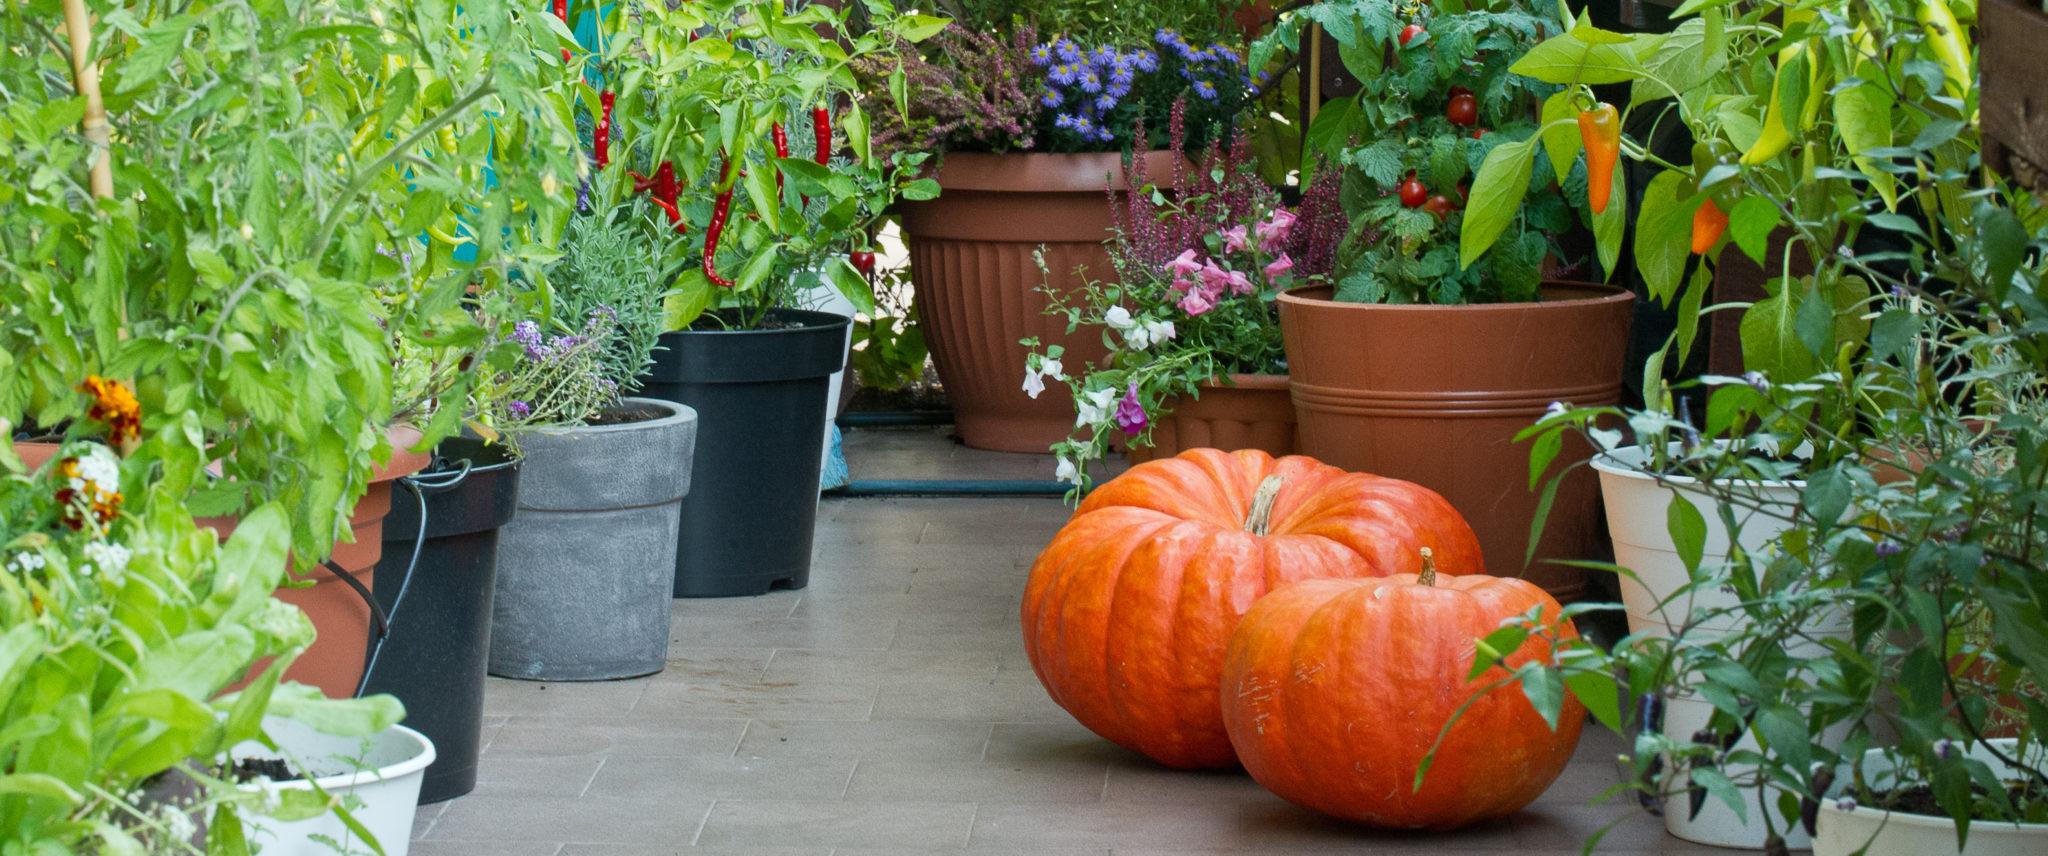 jesienne porządki w balkonowym warzywniku